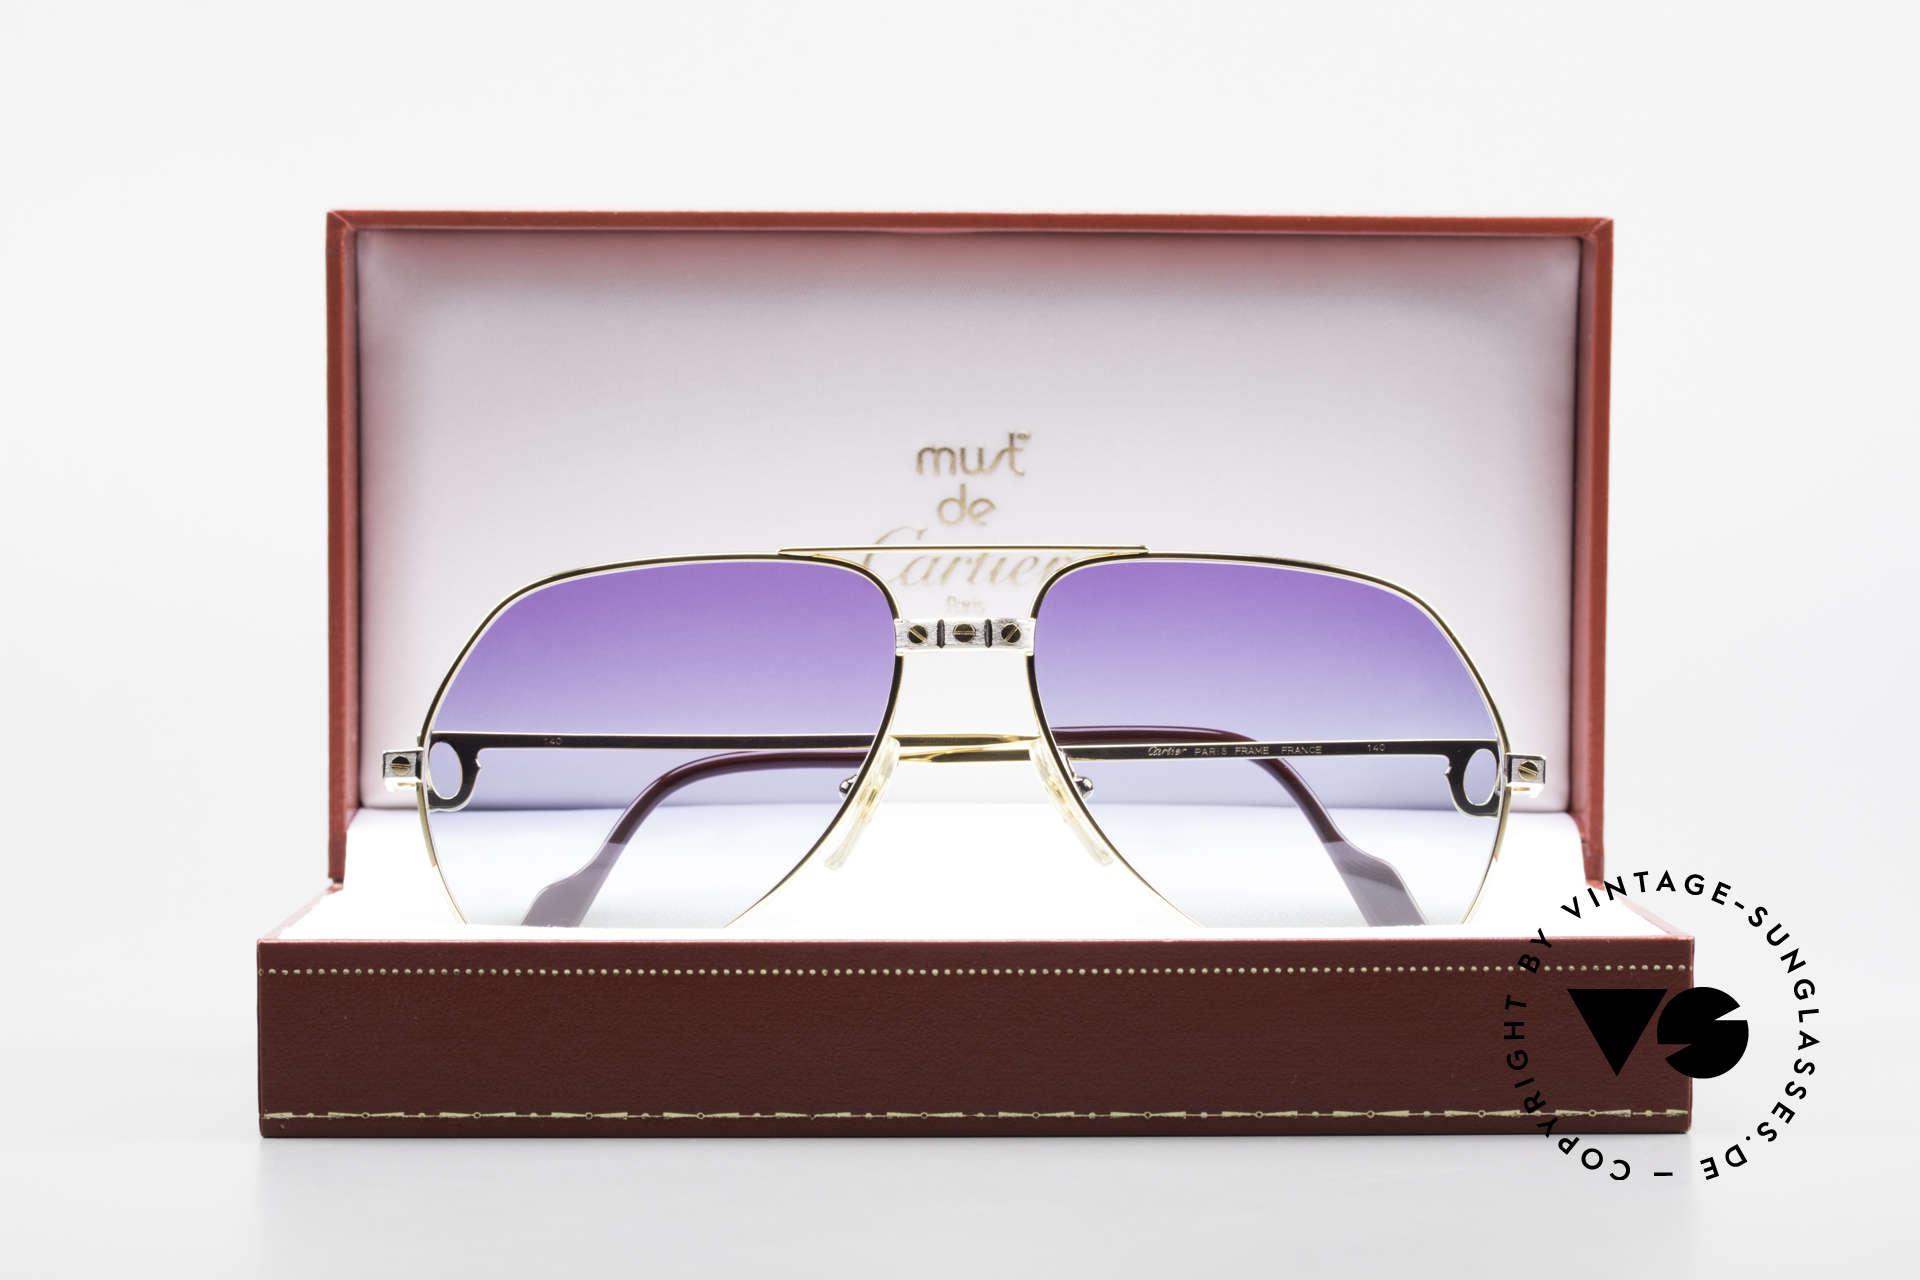 Cartier Vendome Santos - M James Bond Sonnenbrille 80er, ungetragene Rarität, 22kt vergoldet + orig. Verpackung, Passend für Herren und Damen